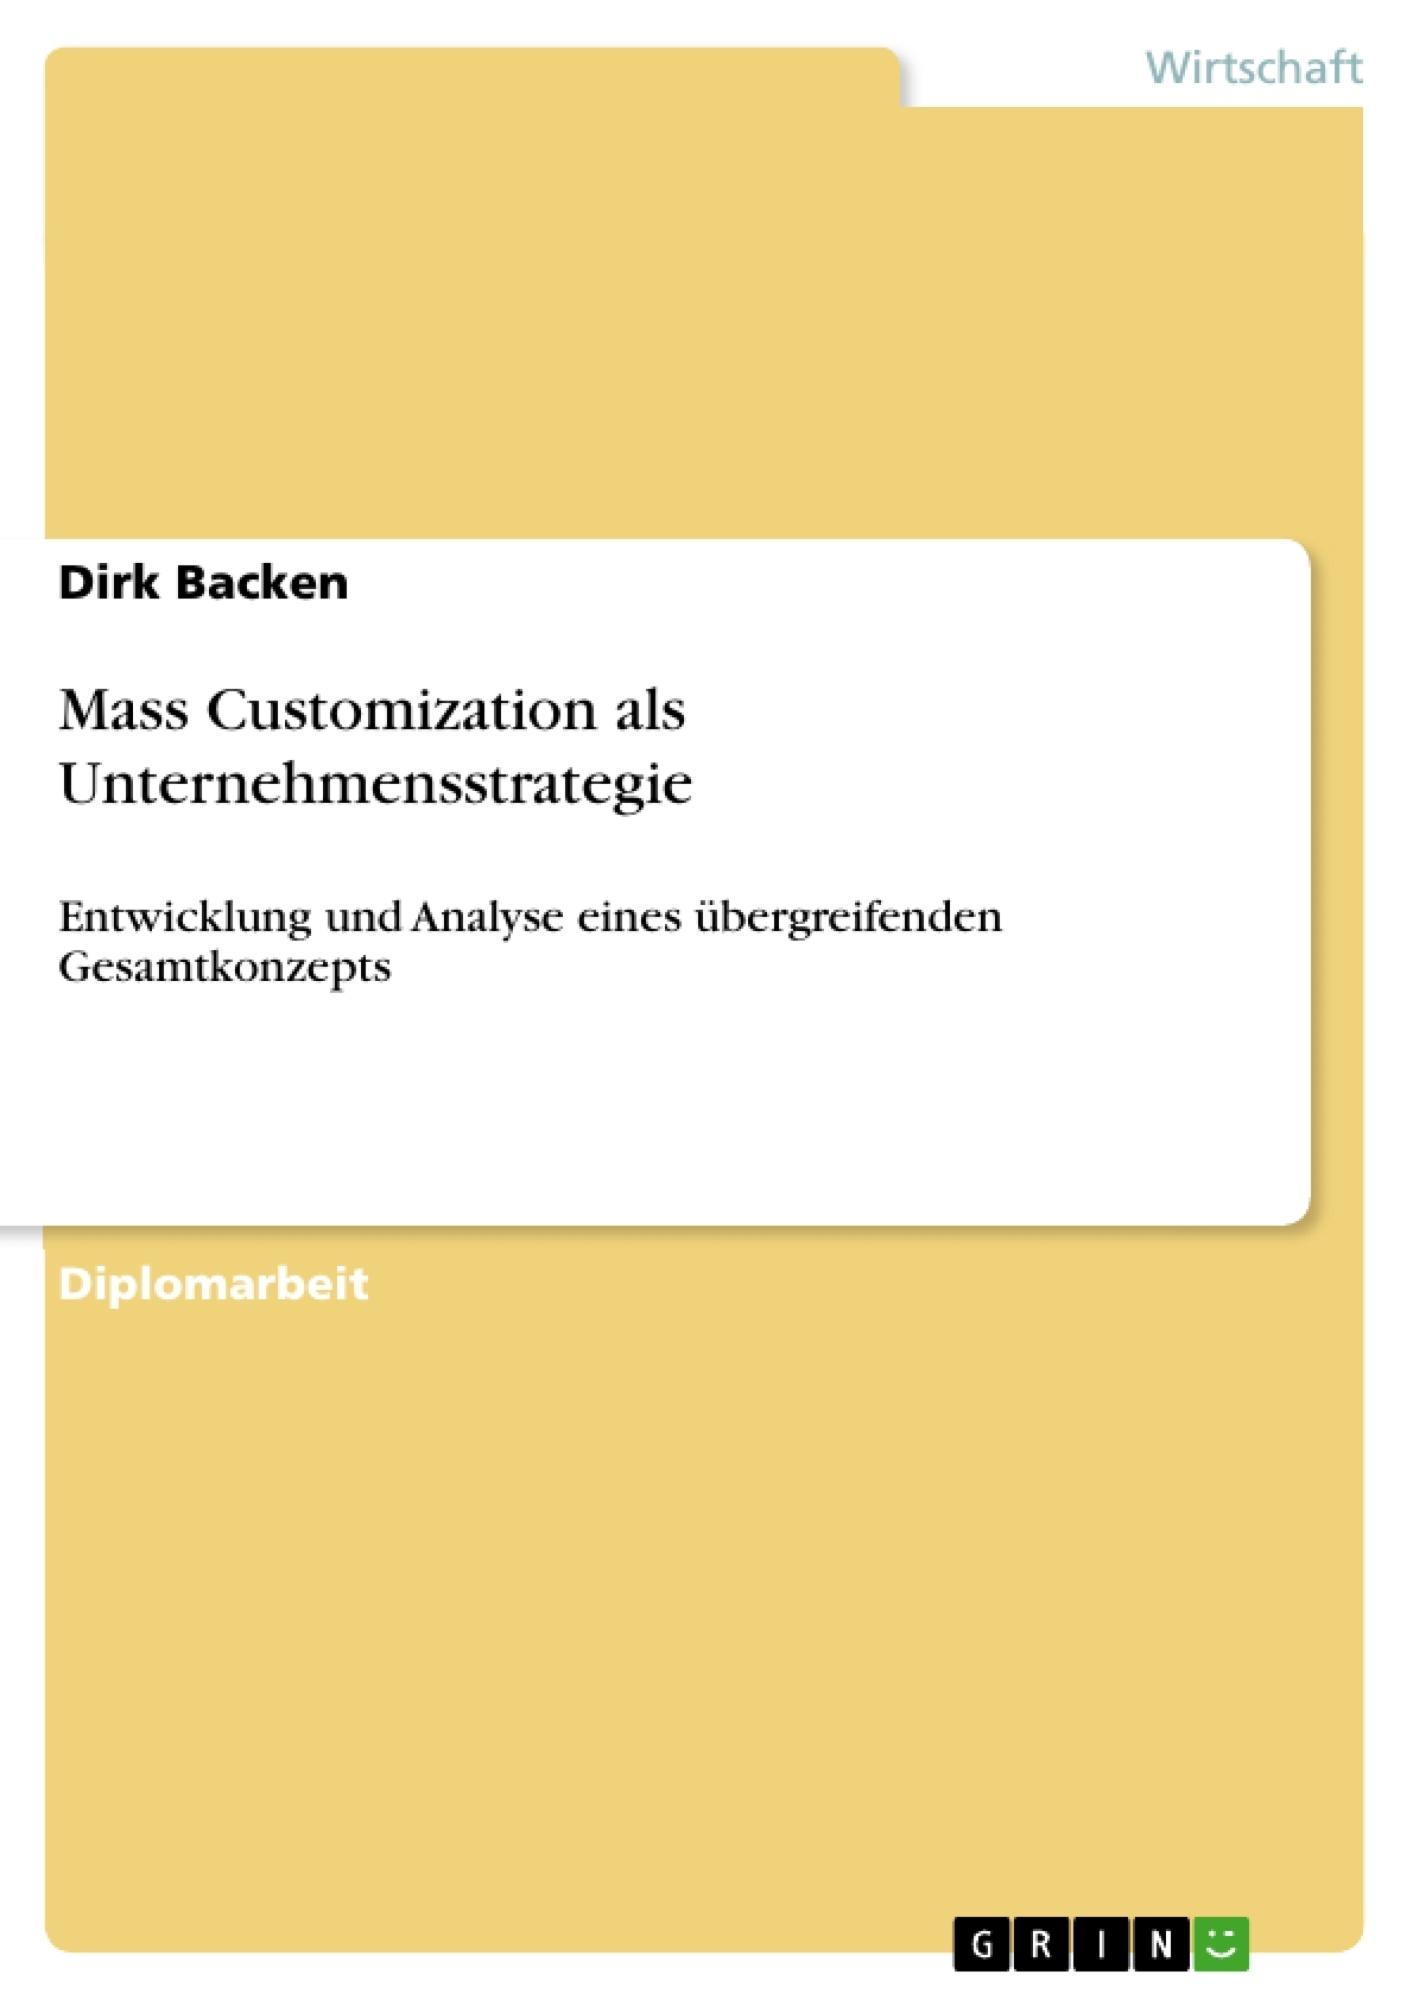 Titel: Mass Customization als Unternehmensstrategie